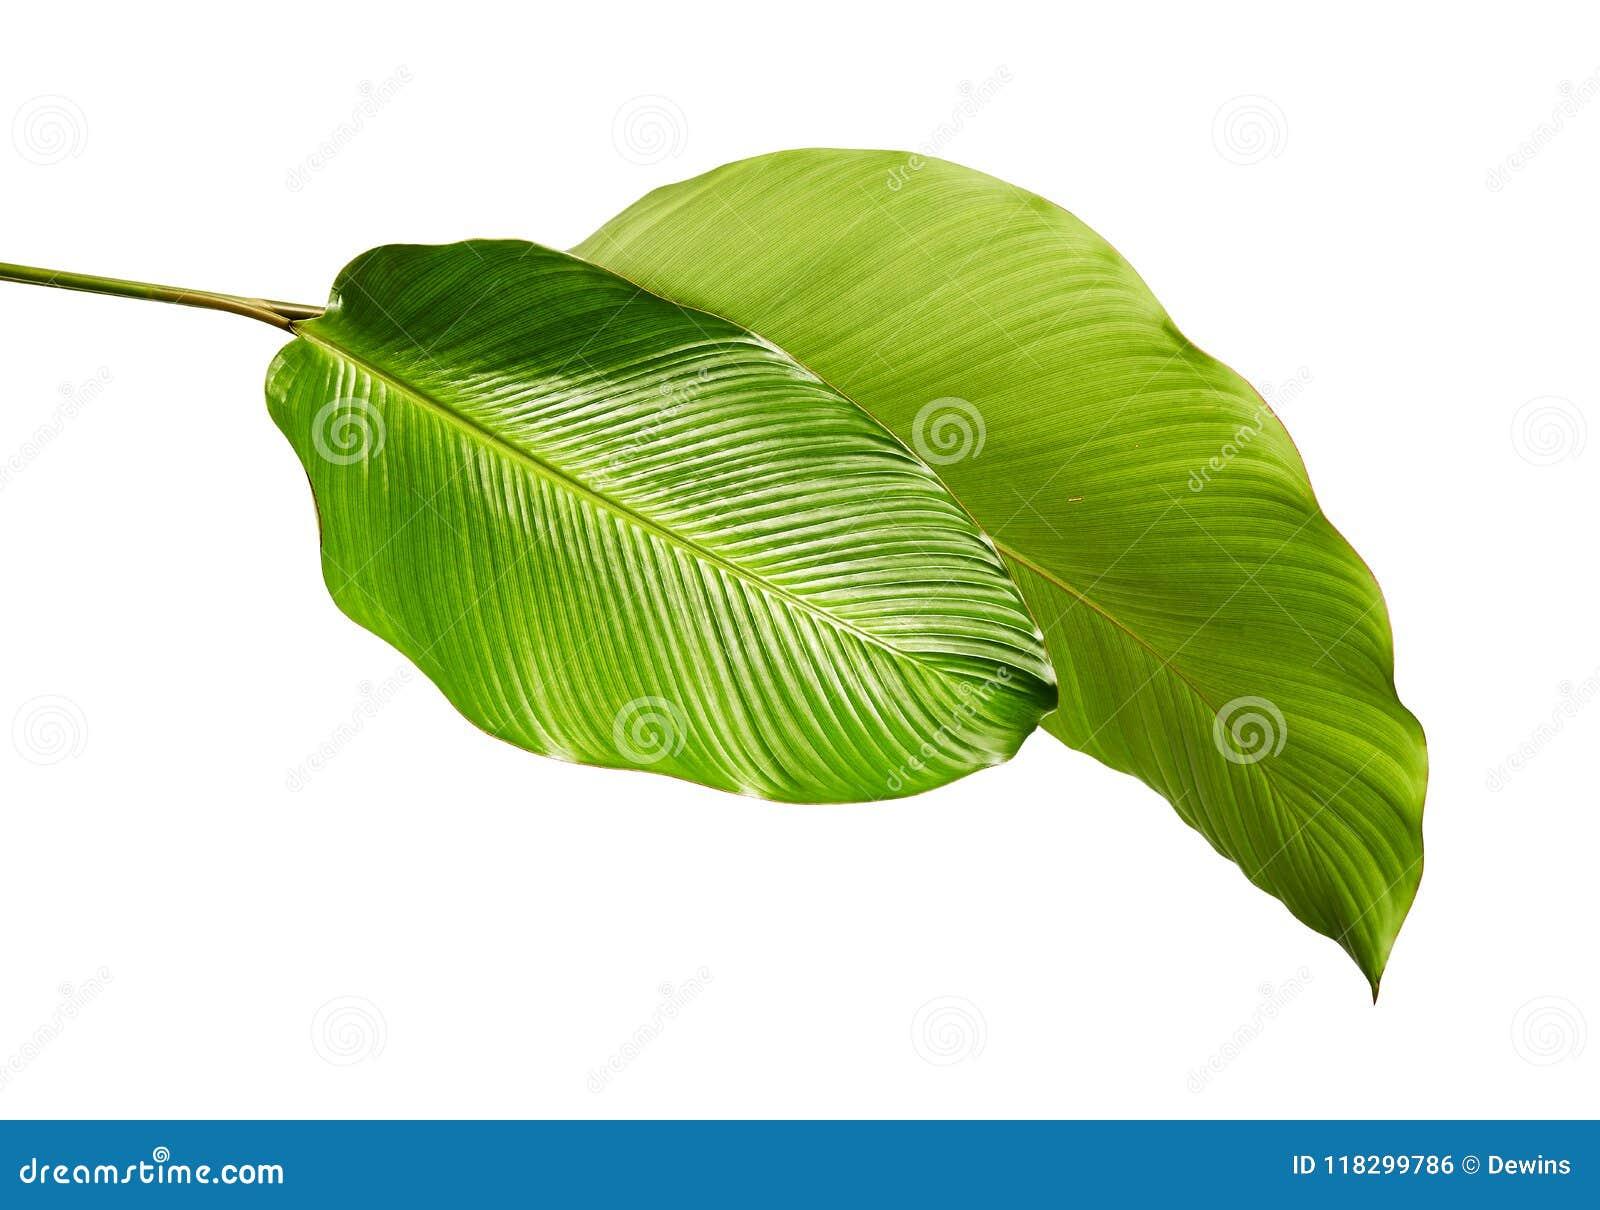 Calathea lövverk, exotiskt tropiskt blad, stort grönt blad som isoleras på vit bakgrund med den snabba banan